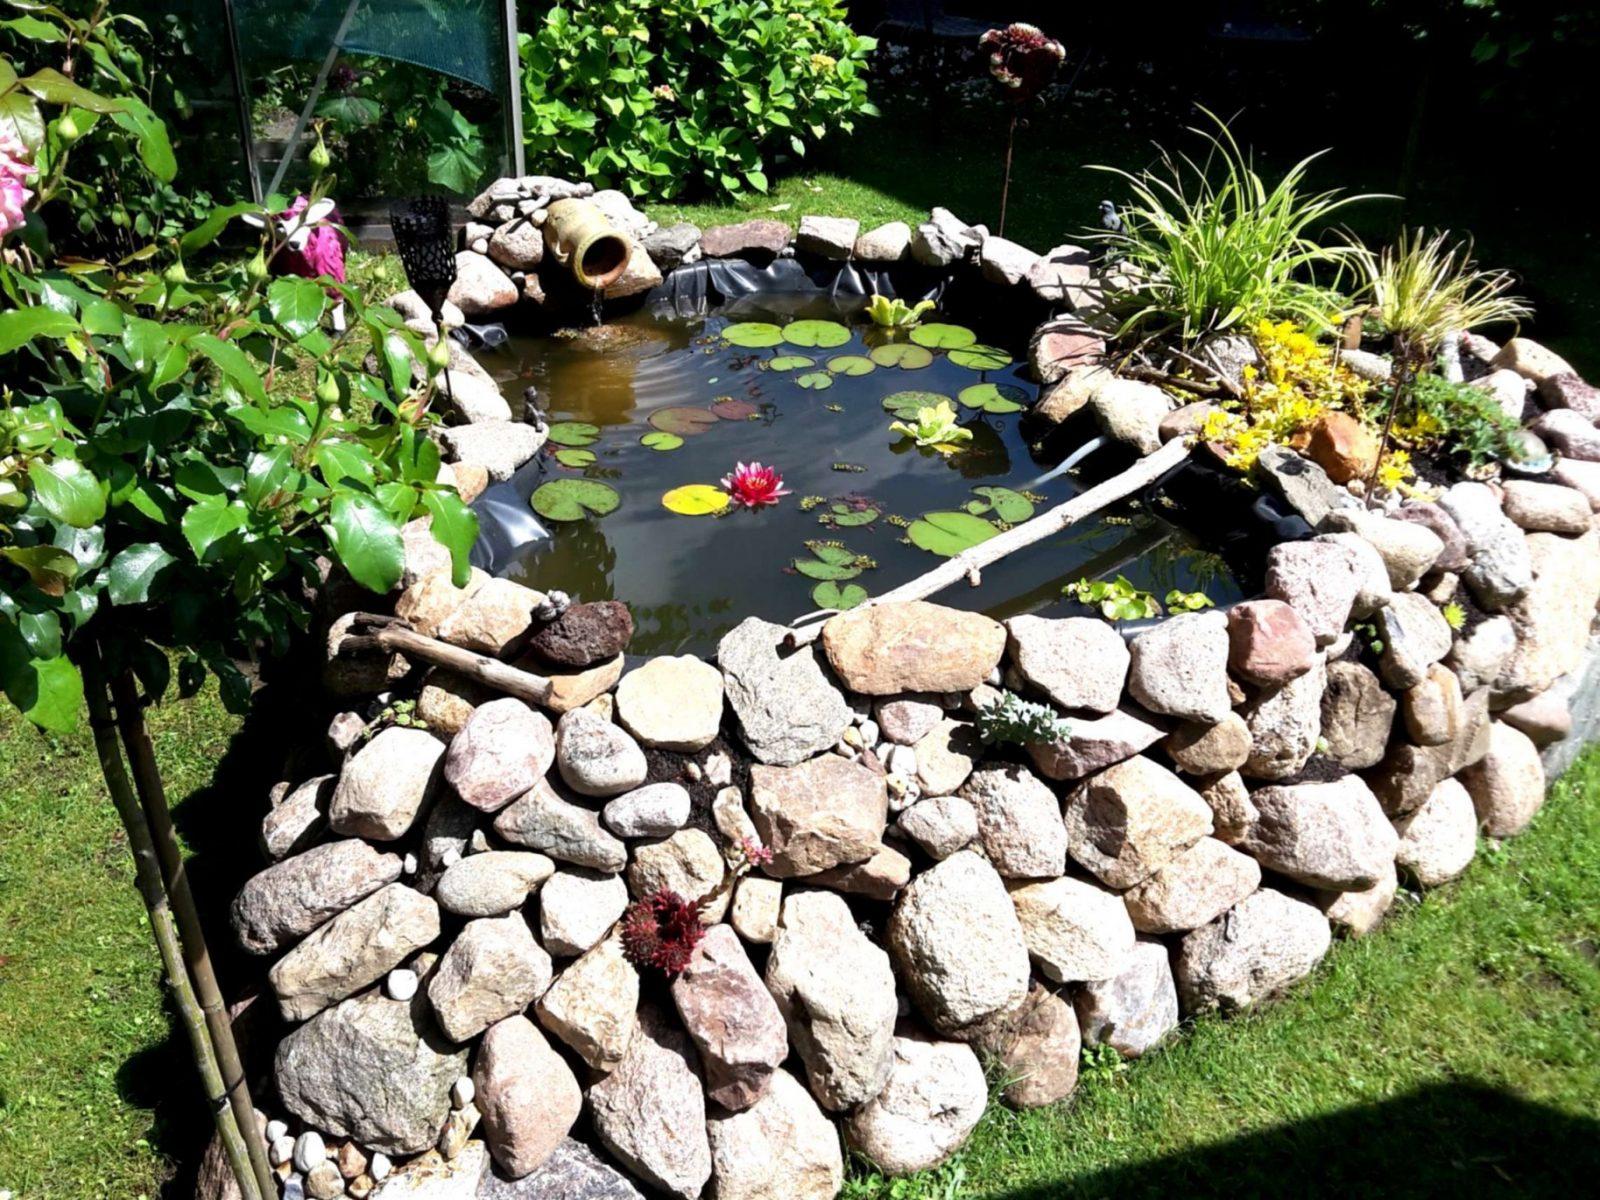 Garten Mit Steinen Anlegen Frisch 42 Schön Gartengestaltung Mit von Gartengestaltung Mit Steinen Und Kies Bilder Photo